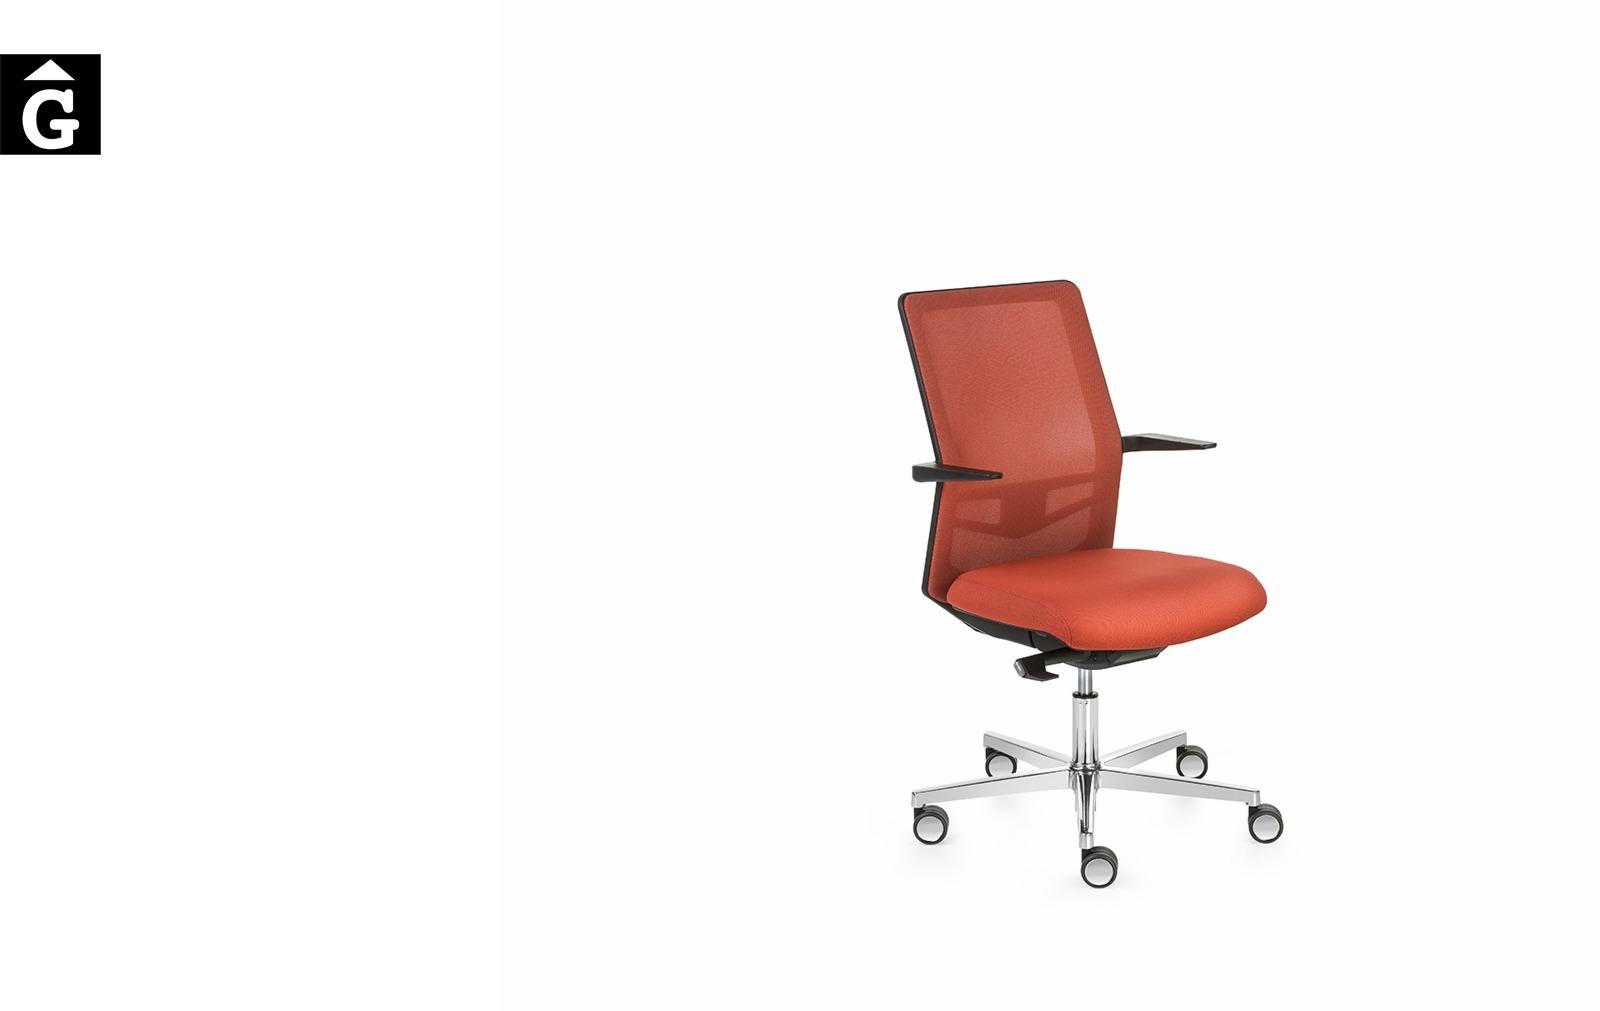 Cadira despatx Equis de Jorge Pensi | Vista perfil | Dile | mobiliari d'oficina molt interessant | mobles Gifreu | botiga | Contract | Mobles nous oficina